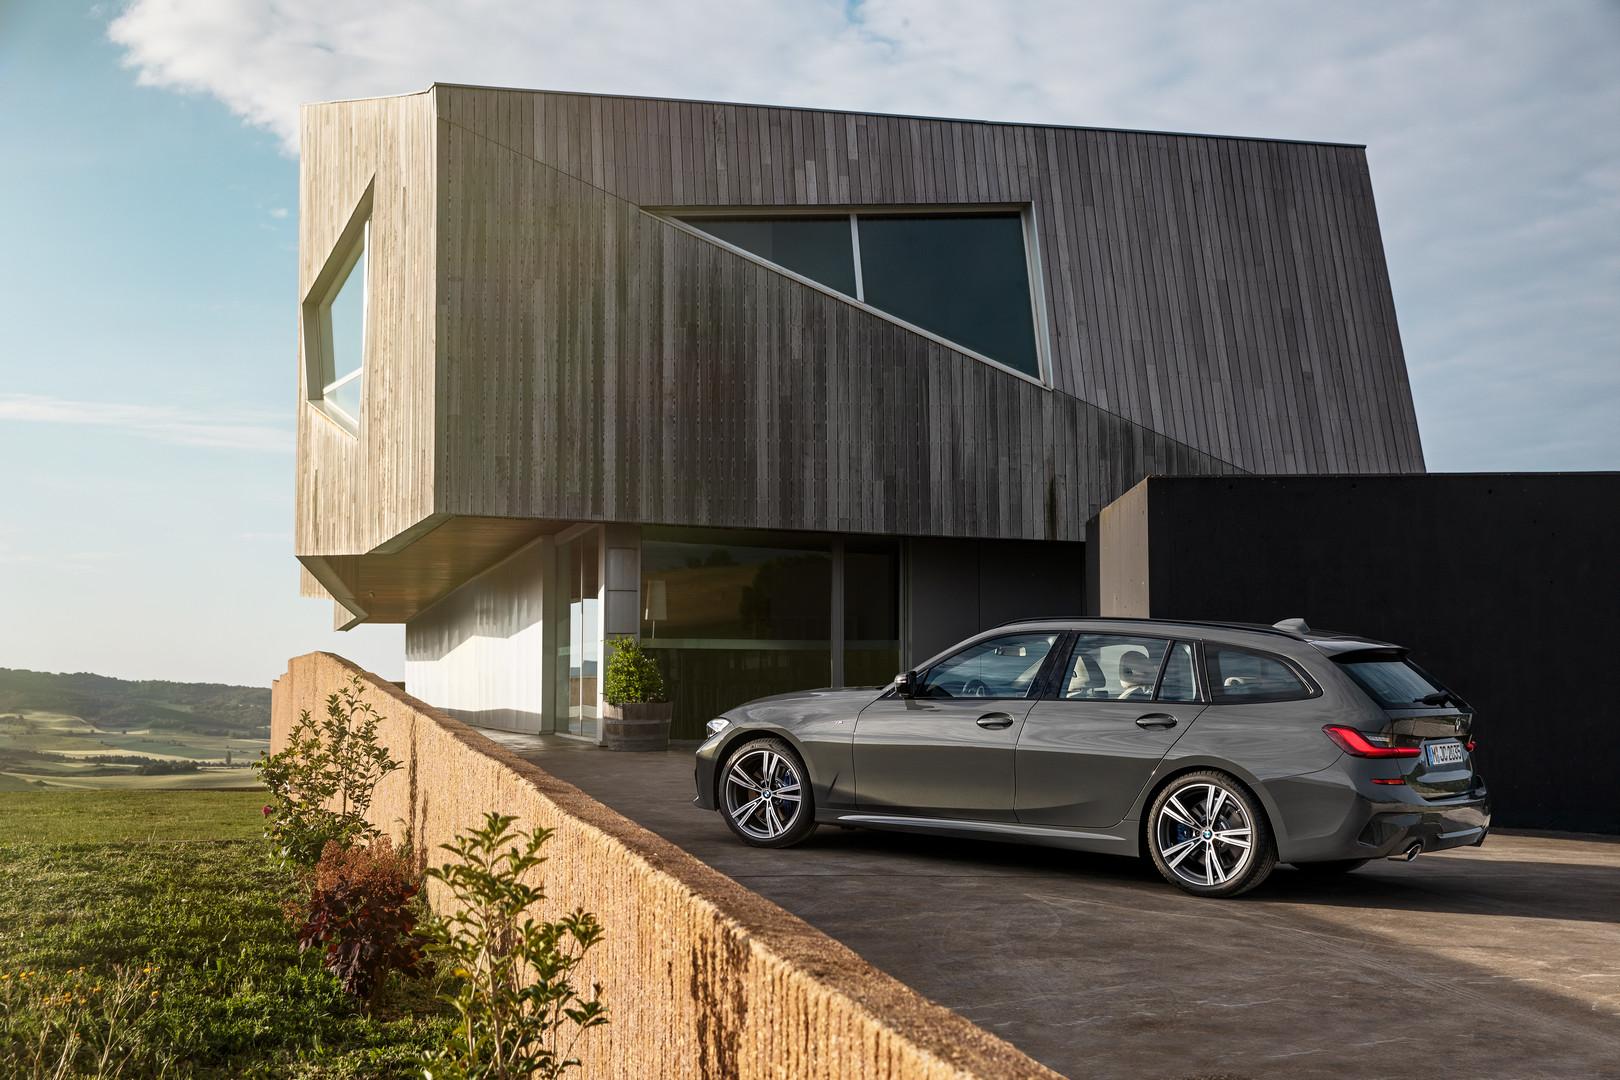 2020 BMW G21 Touring